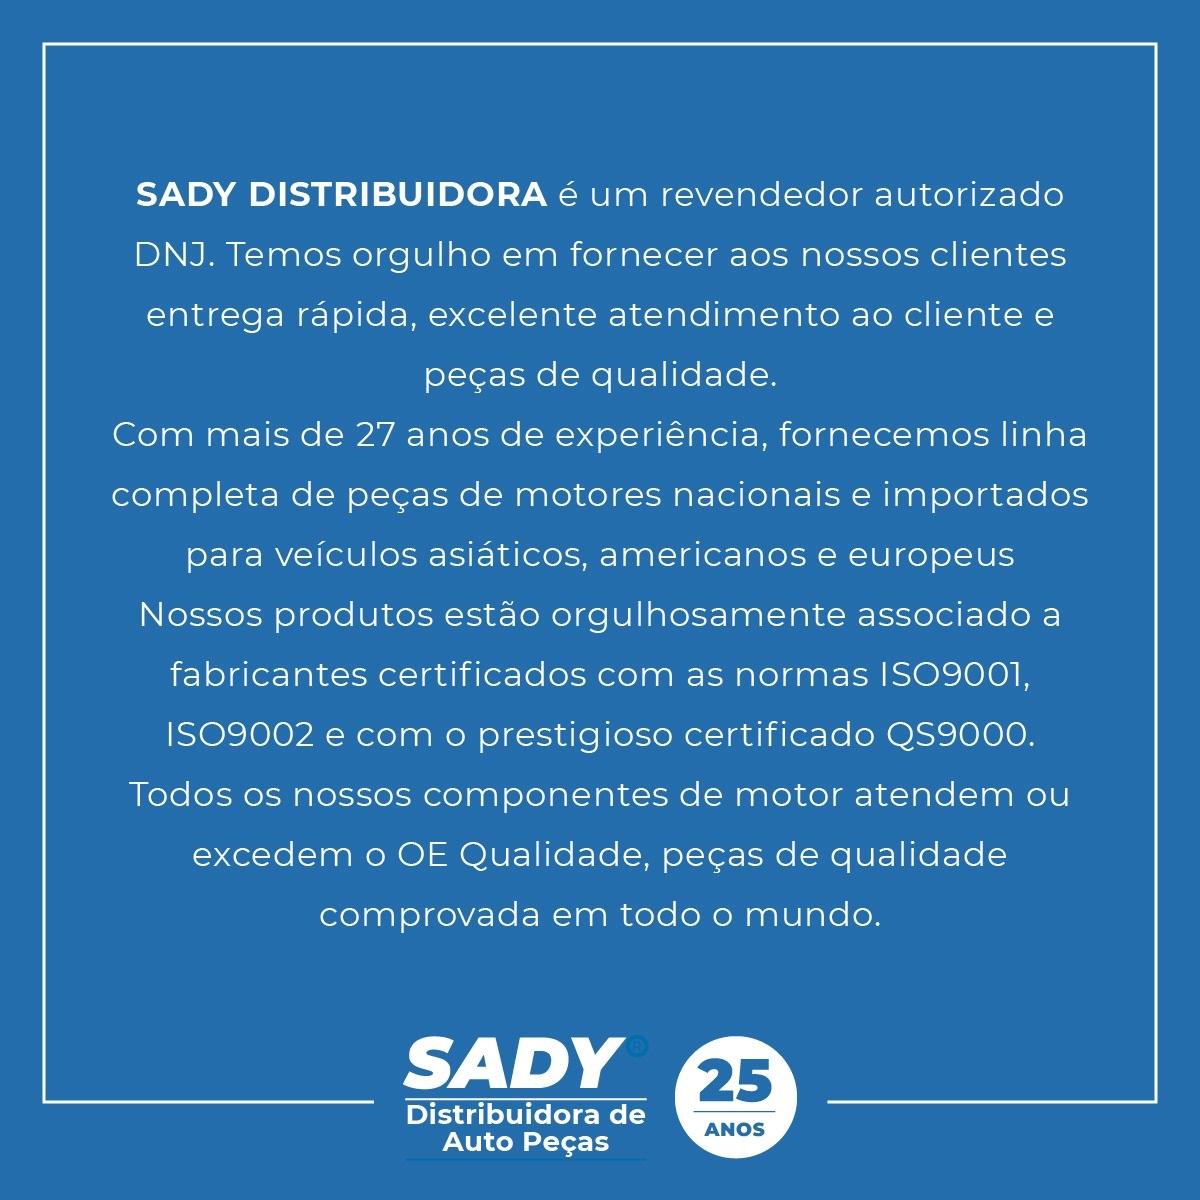 BOMBA DE OLEO DO MOTOR FORD 1.0/1.6 ZETEC ROCAM EXTRIADA